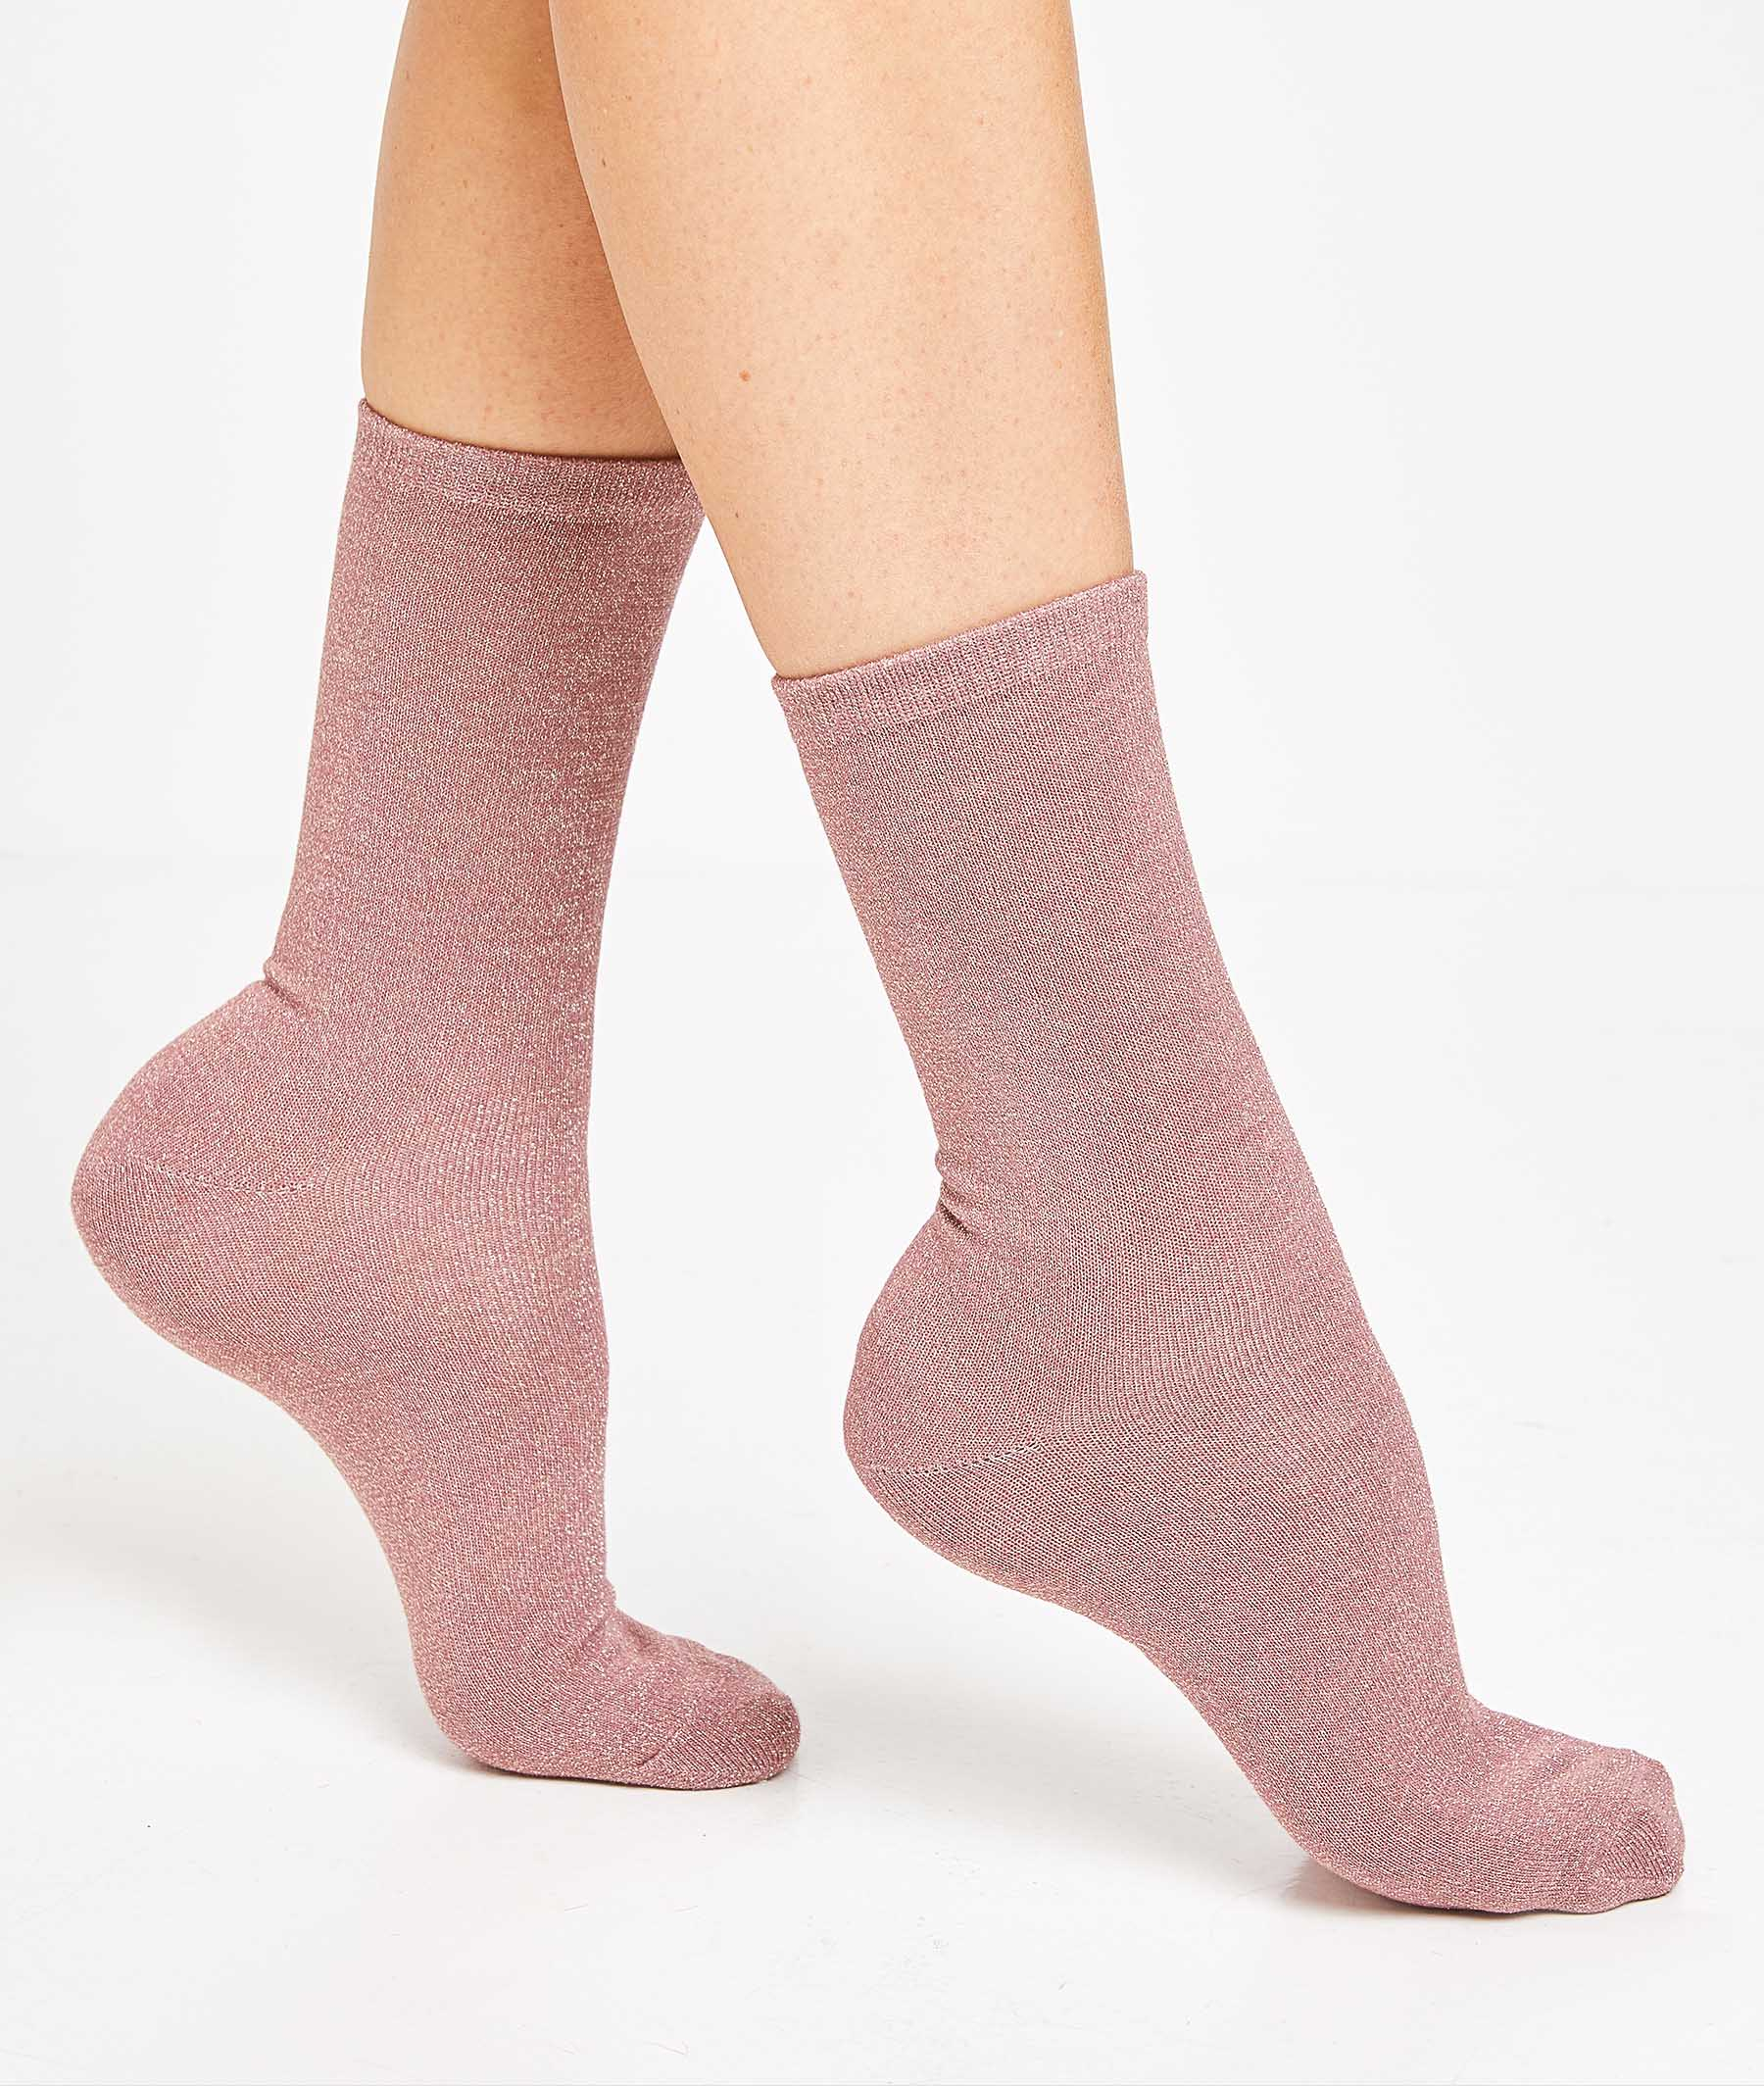 Lot de 2 paires de chaussettes femme ROSE